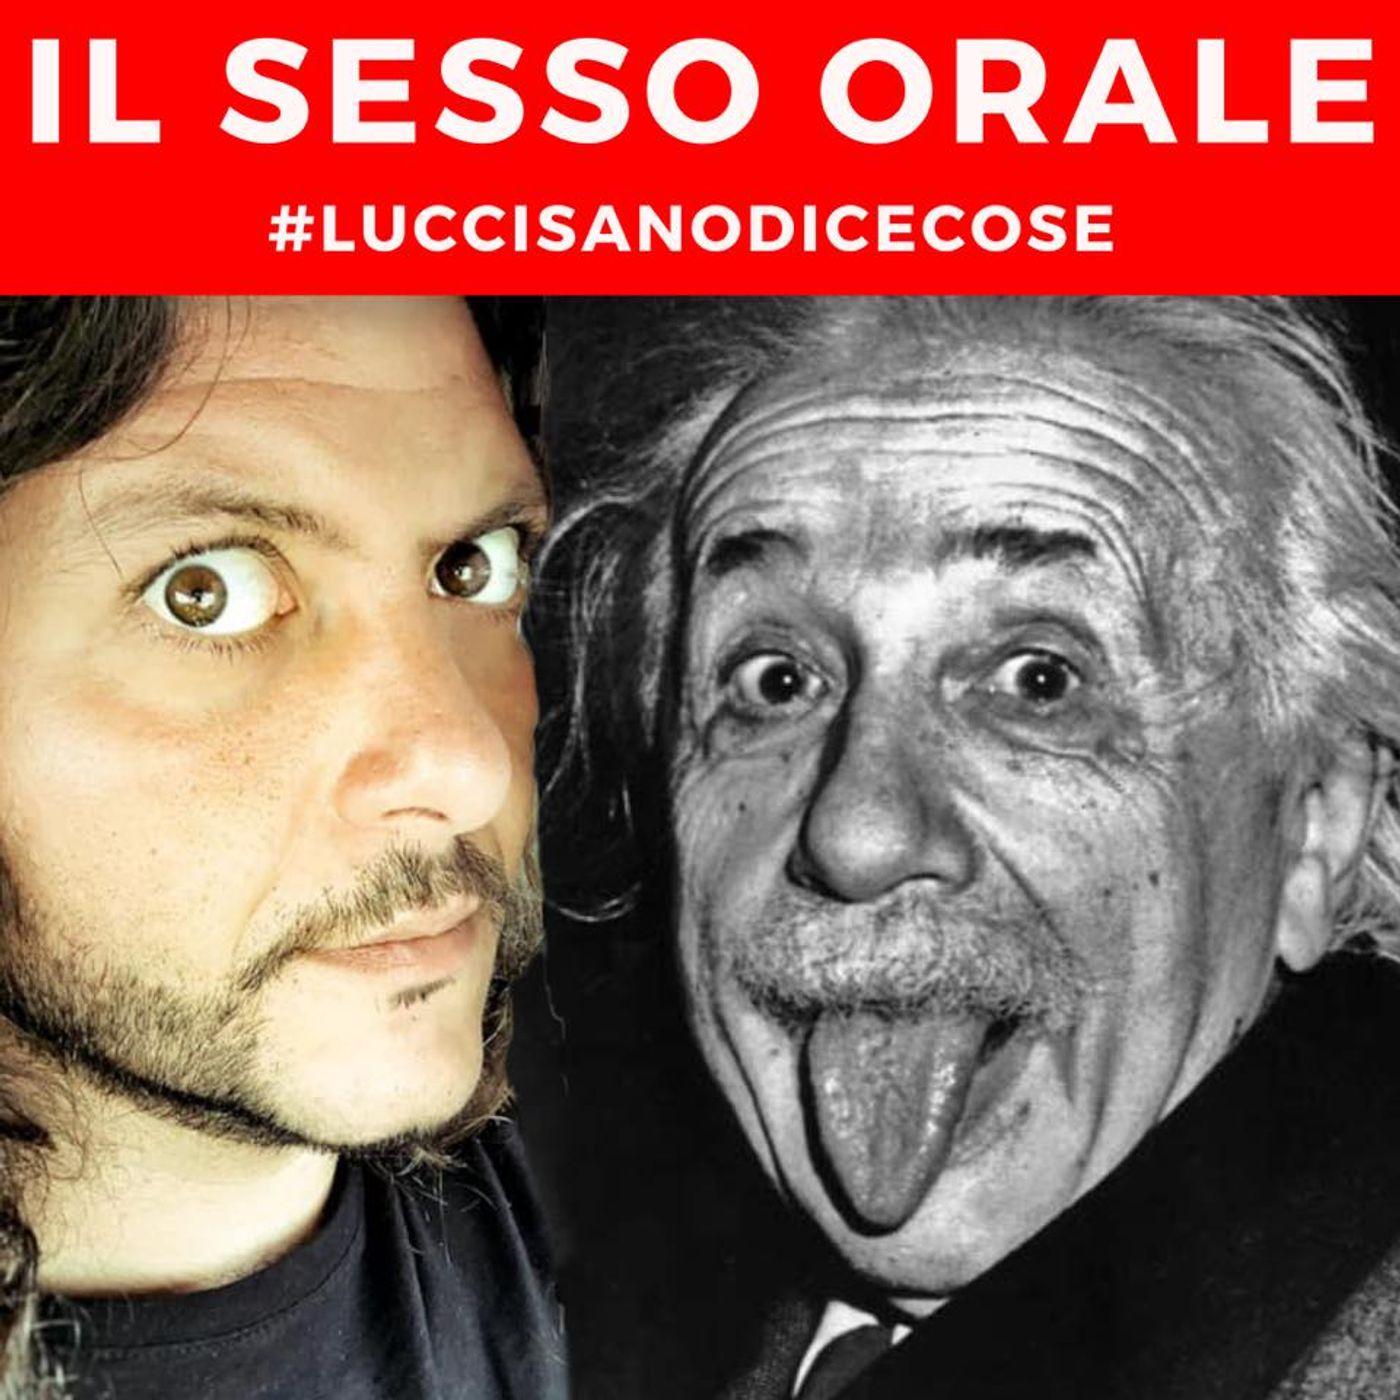 Il Sesso Orale by Emiliano Luccisano